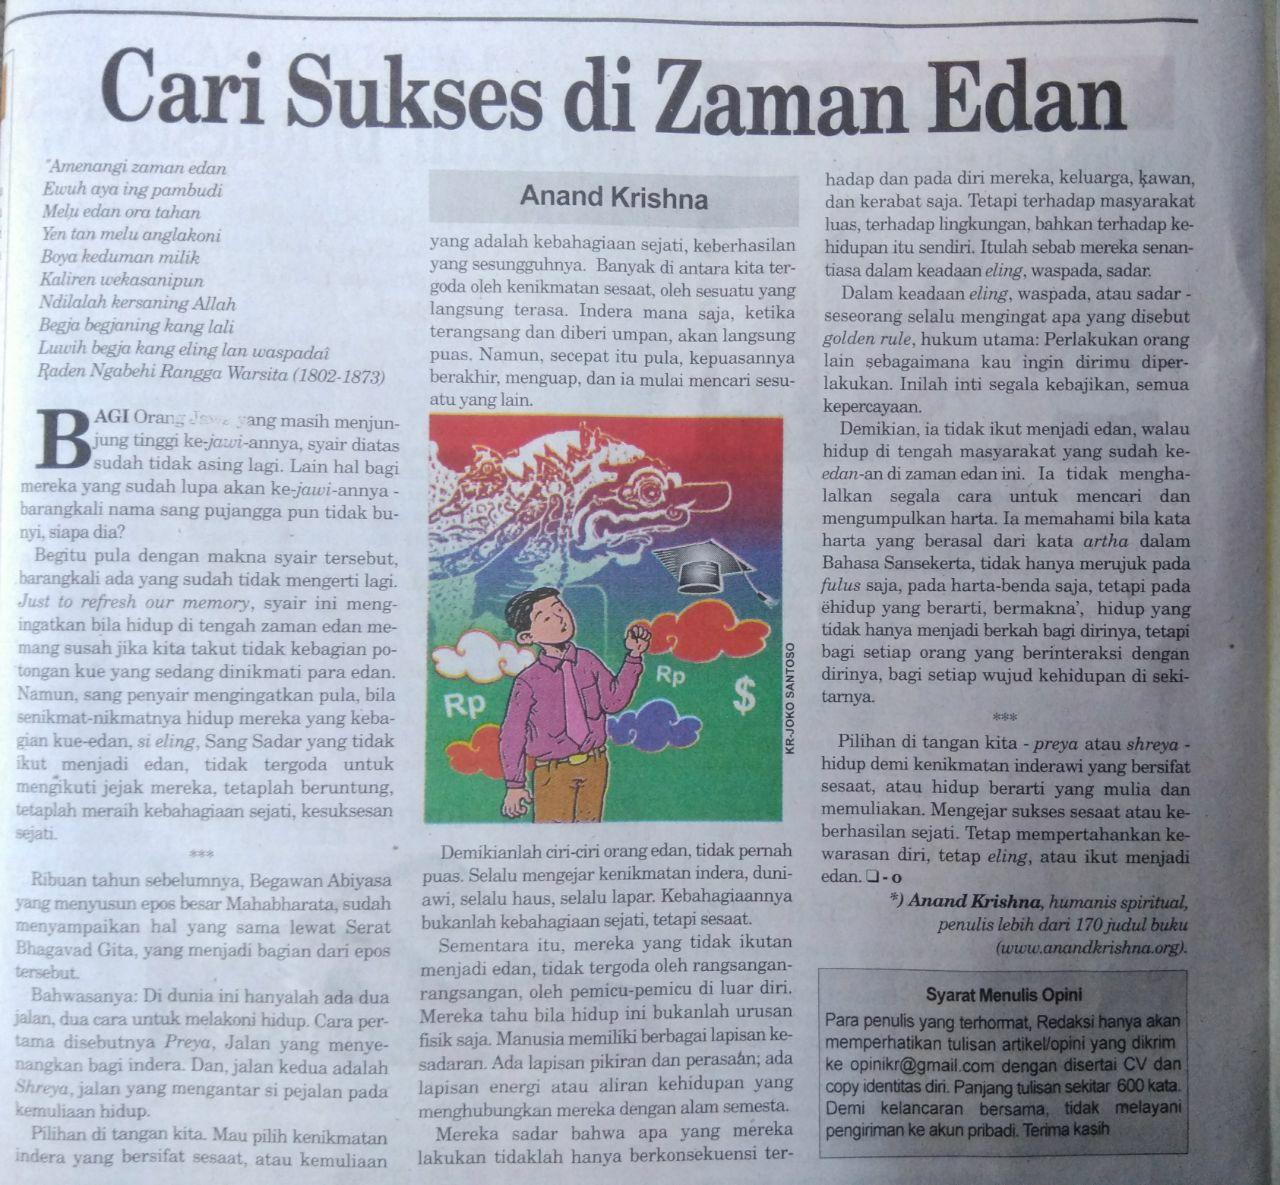 """Artikel Bapak Anand Krishna """"Cari Sukses di Zaman Edan"""""""